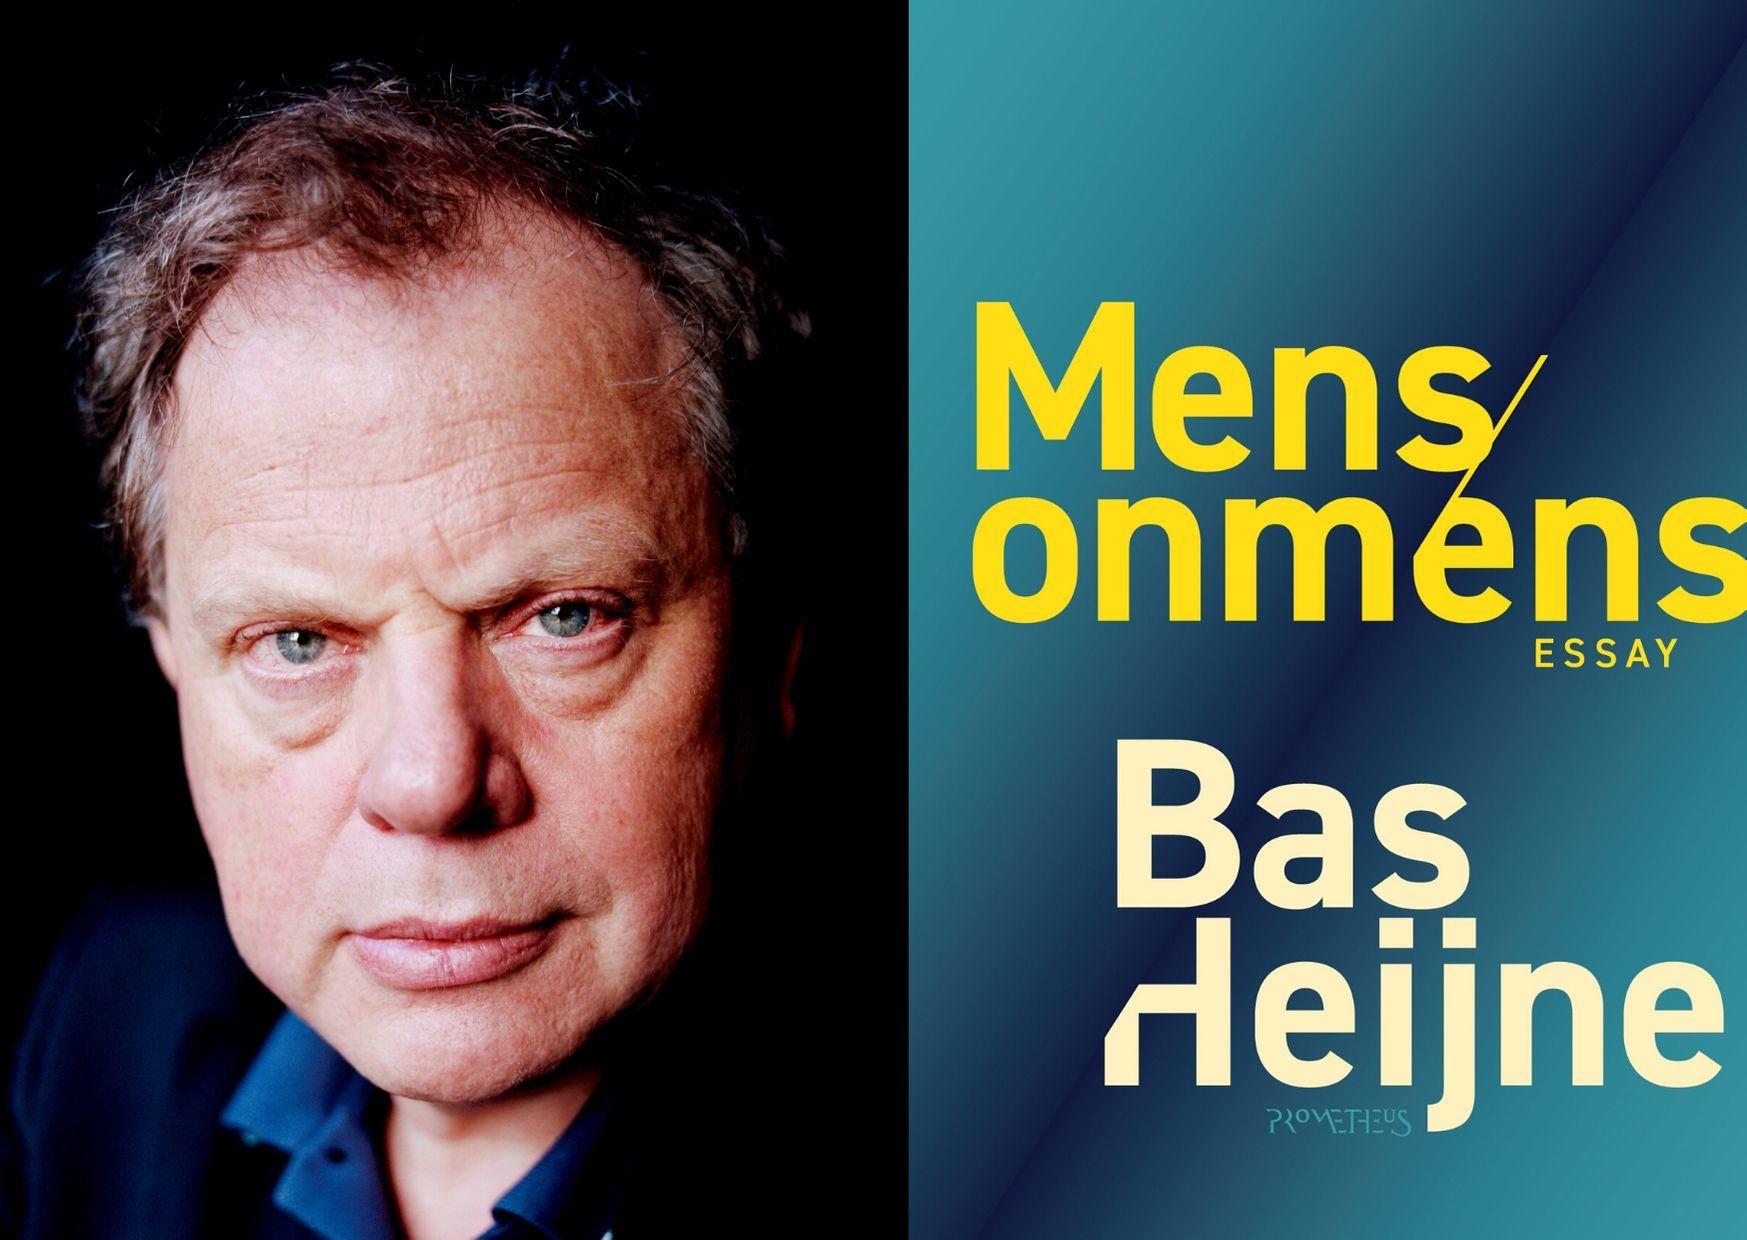 Bas Heijne onmens